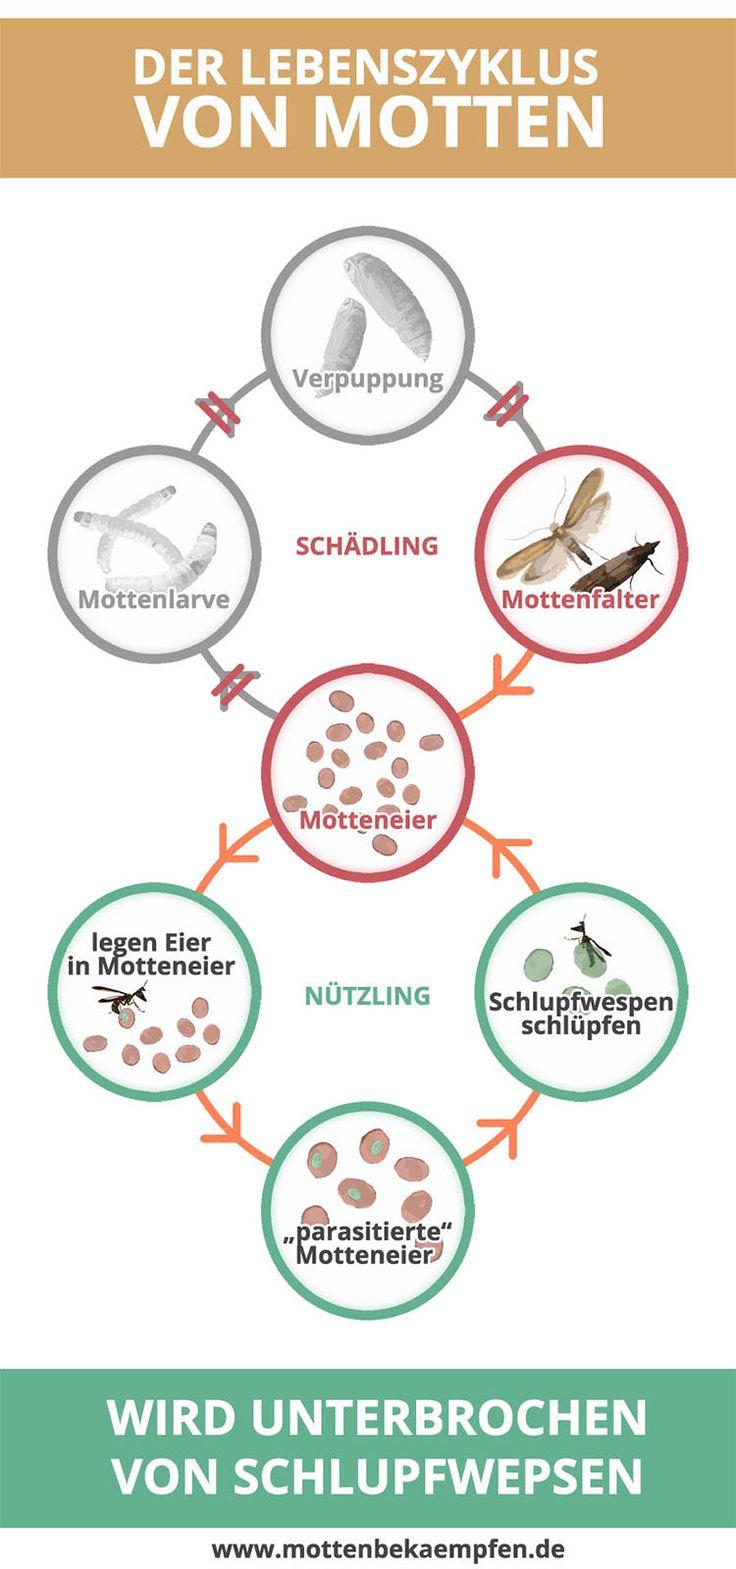 Der Lebenzyklus von Motten wird durch Schlupfwespen unterbrochen - Motten bekämpfen mit Schlupfwespen ist sehr effizient und einfach. Die Schlupfwespen  nichten die Motteneier und vermehren sich dadurch sogar noch. In weniger Wochen gehört damit die Mottenplage der Vergangenheit an.